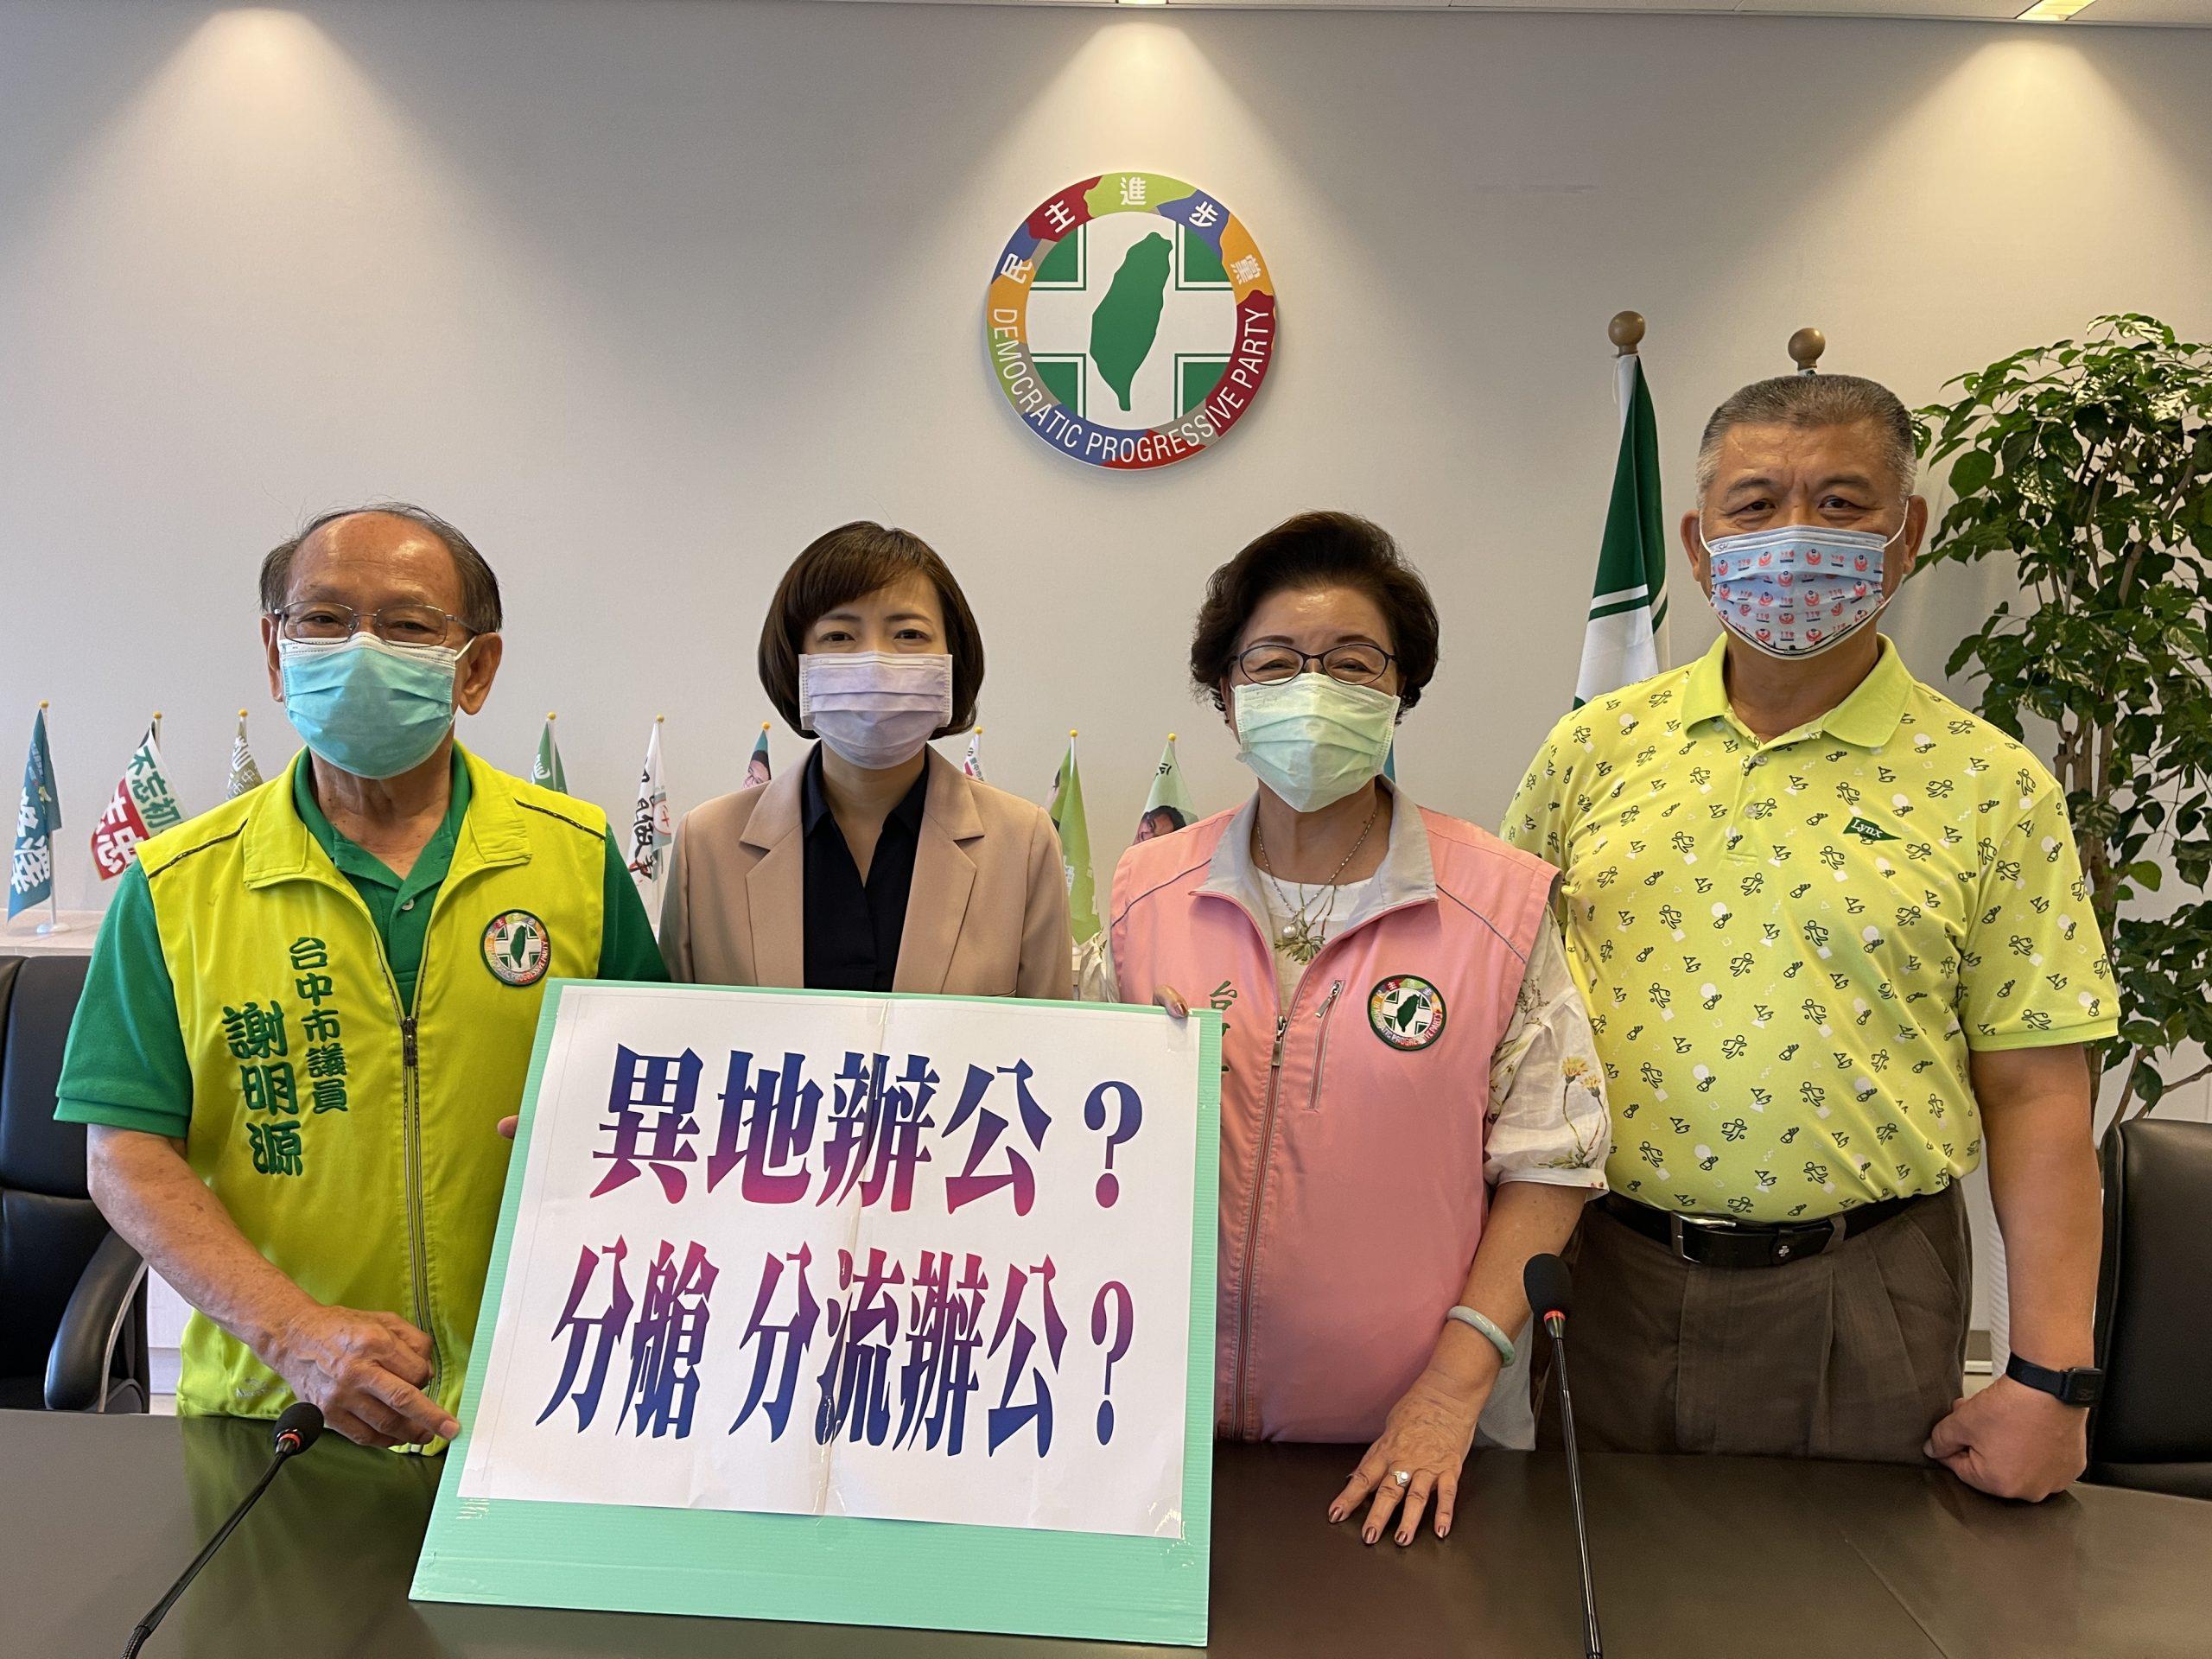 疫情嚴峻恐癱瘓市府運作 議員建議啟動「異地辦公」計畫